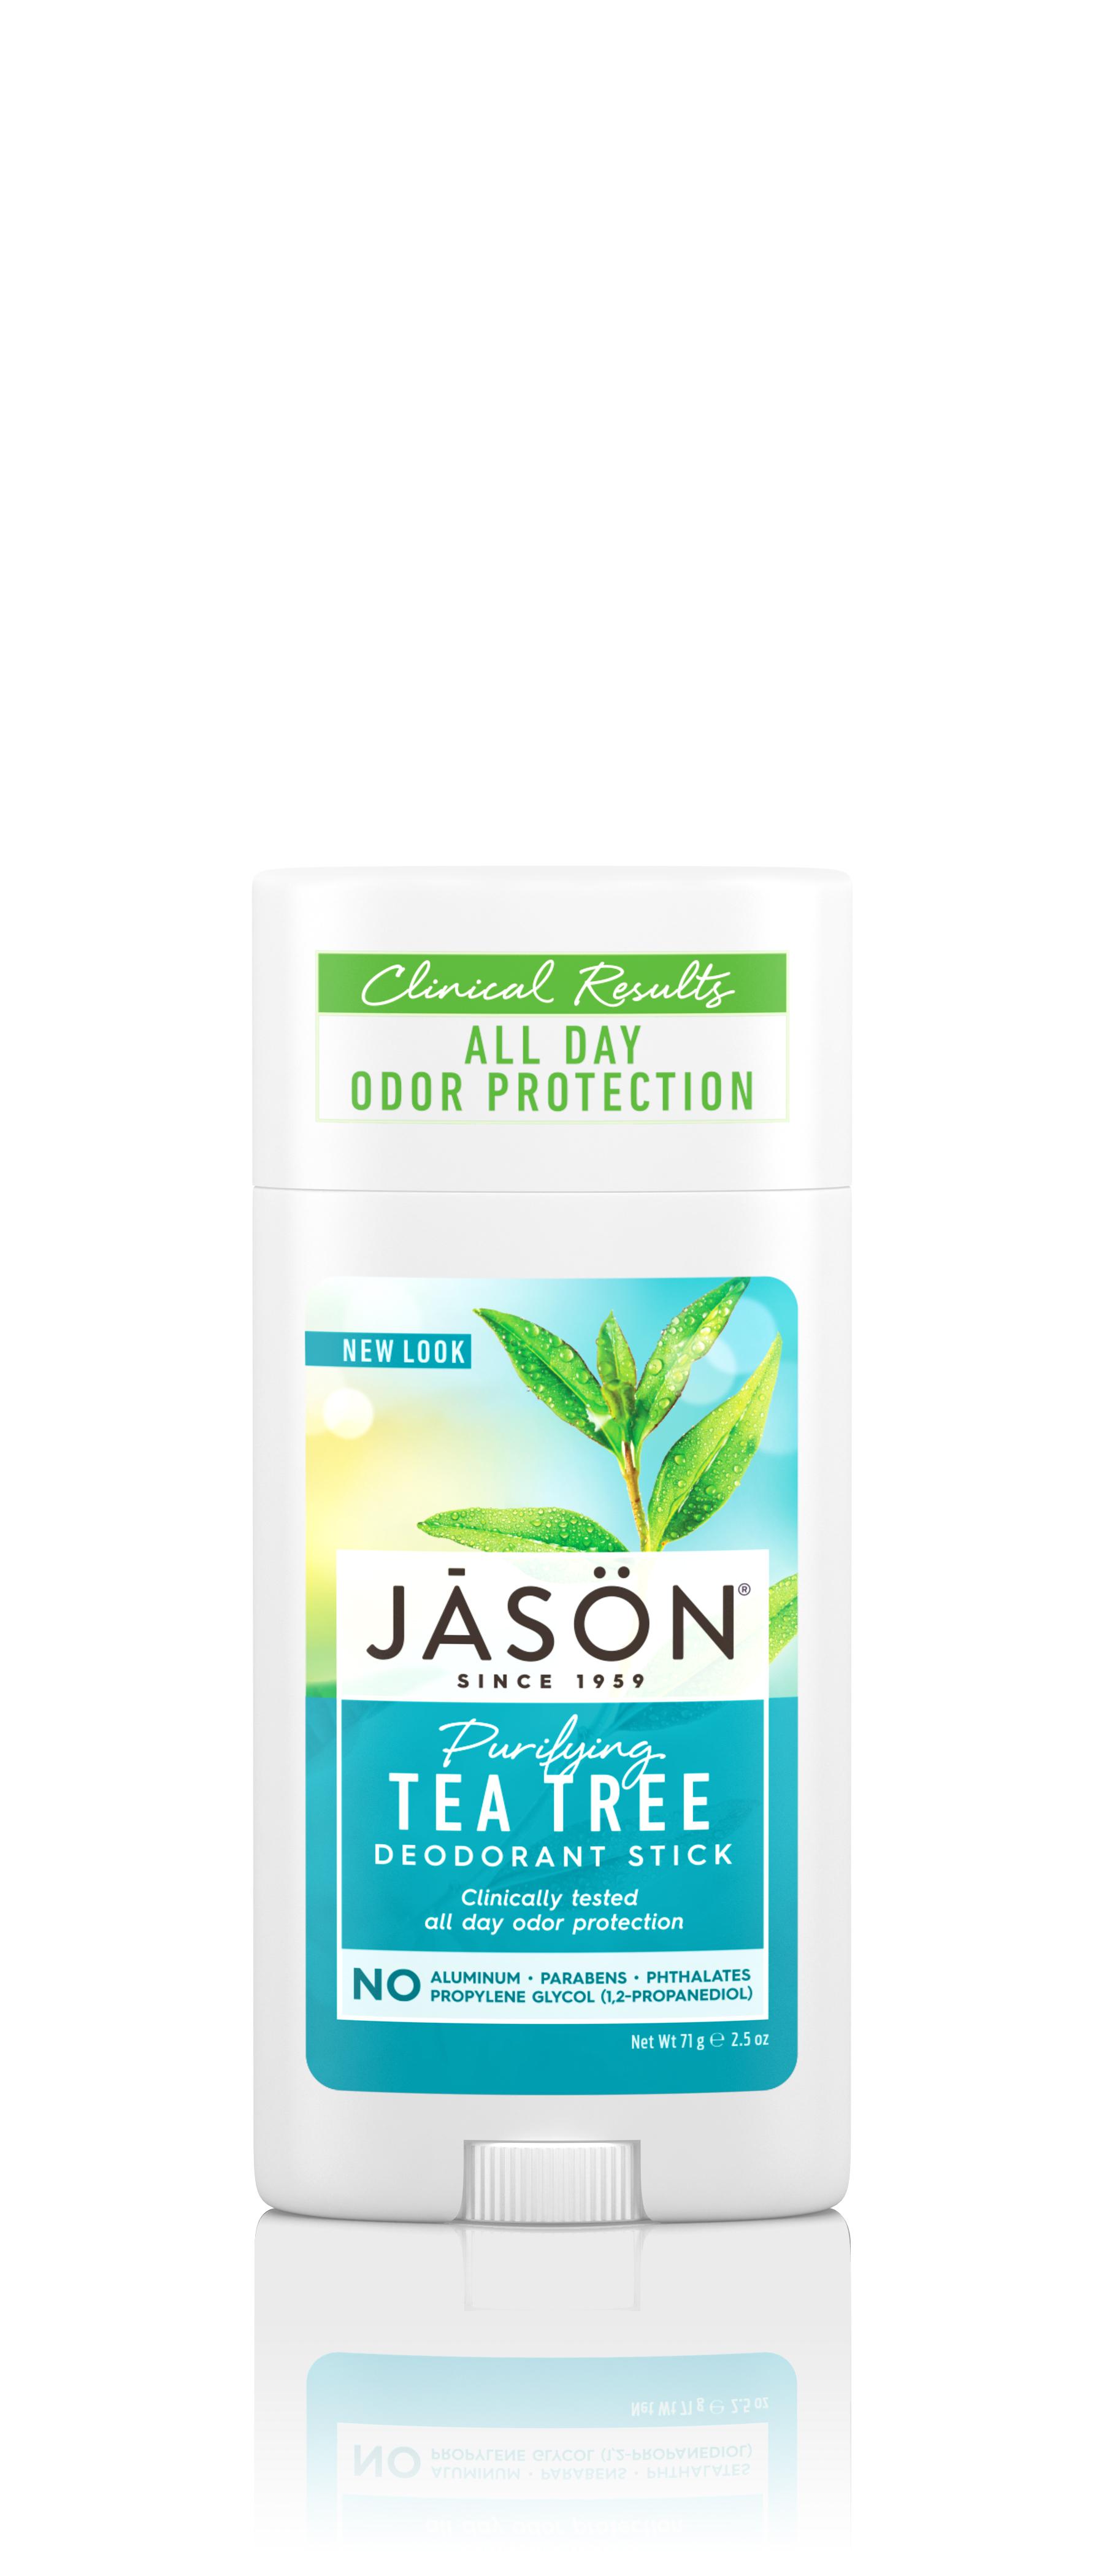 דאודורנט סטיק עץ התה